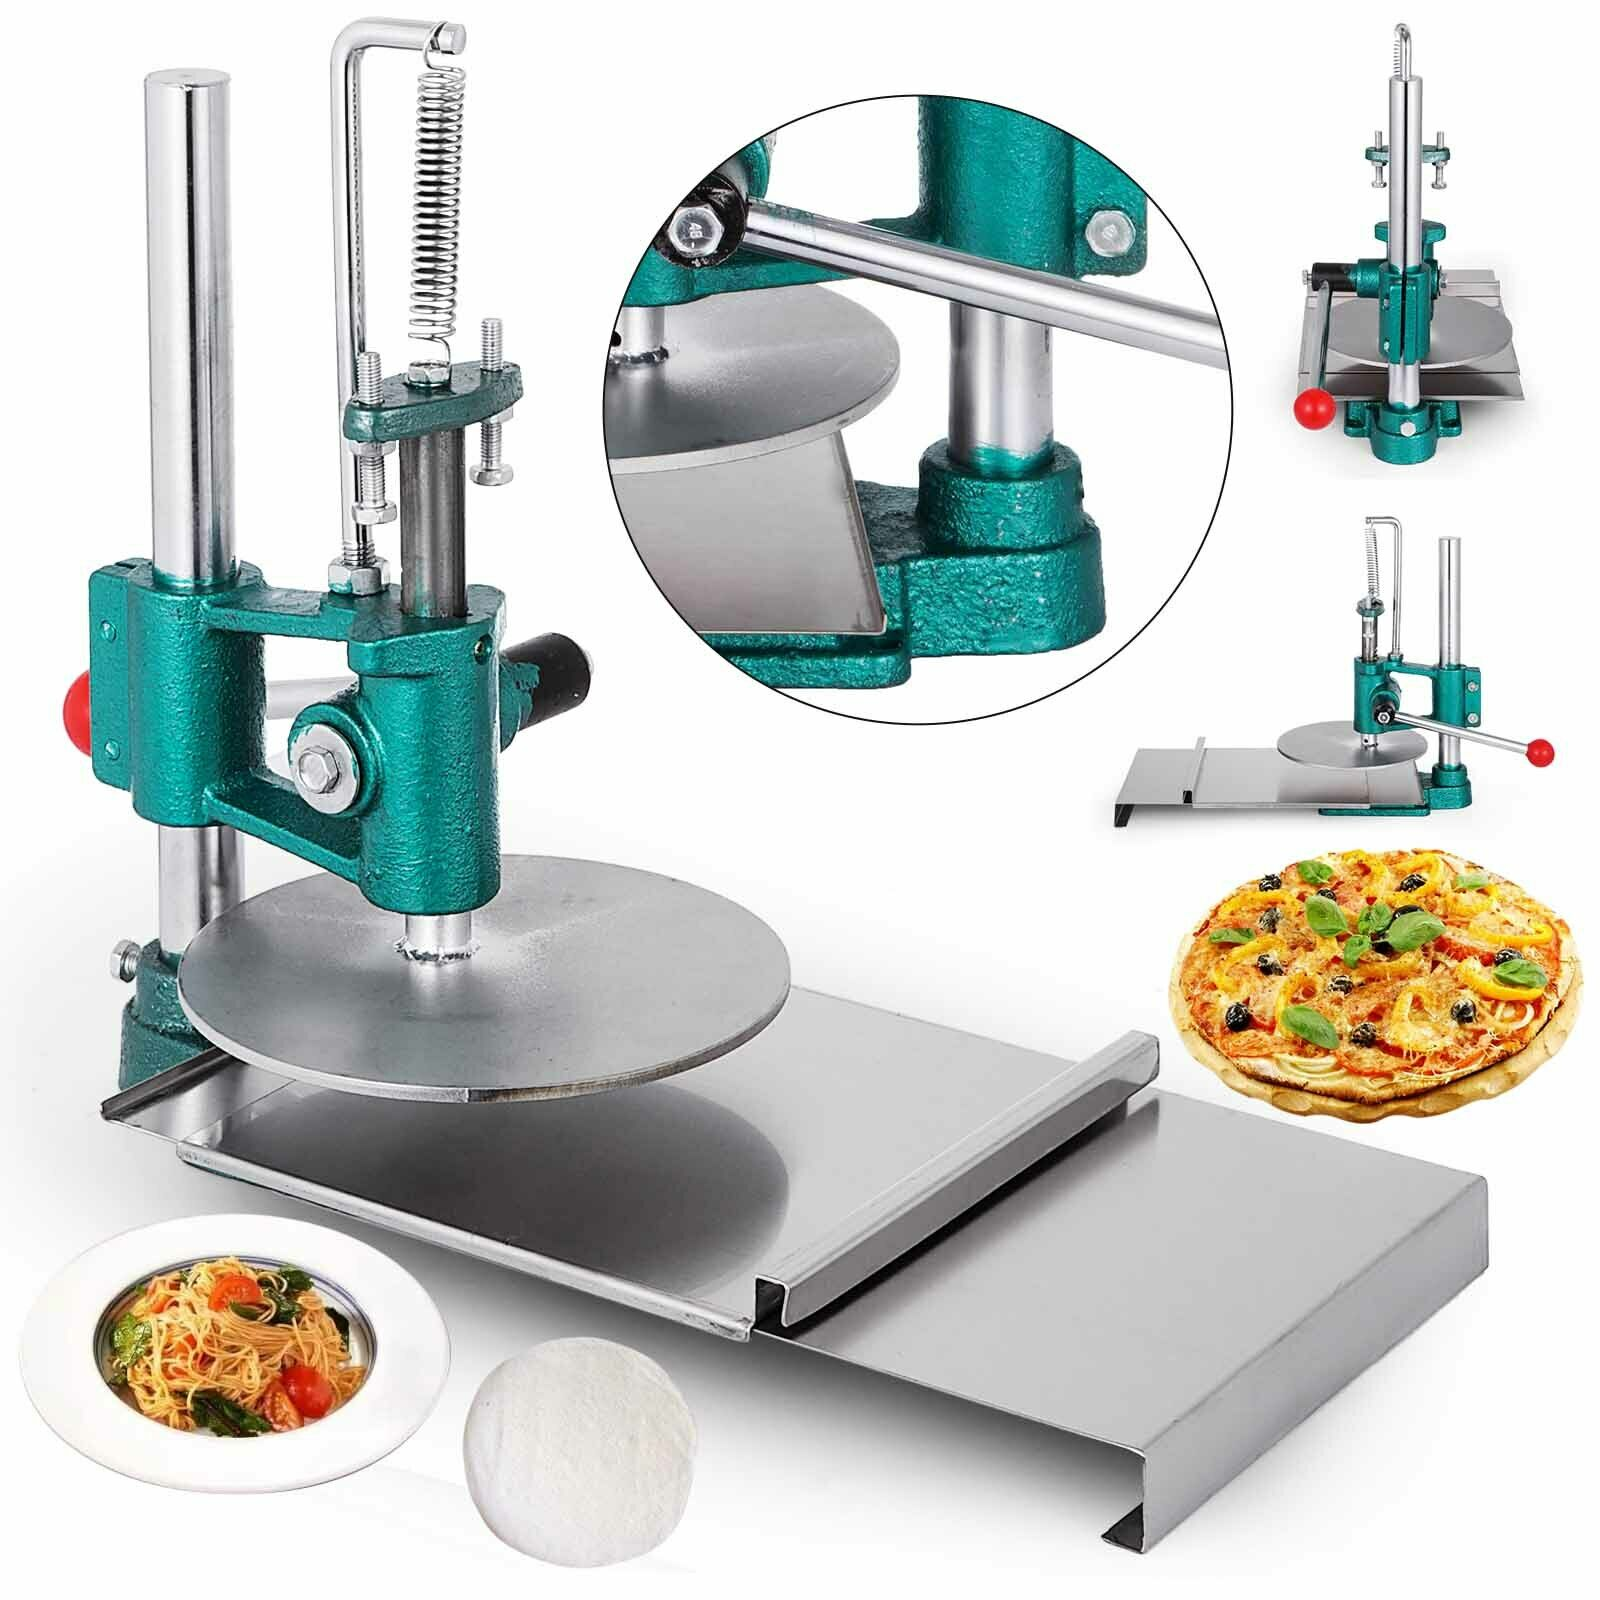 Новинка 7 8 дюймовая тесто для пиццы ручная пресс машина роликовая изготовления